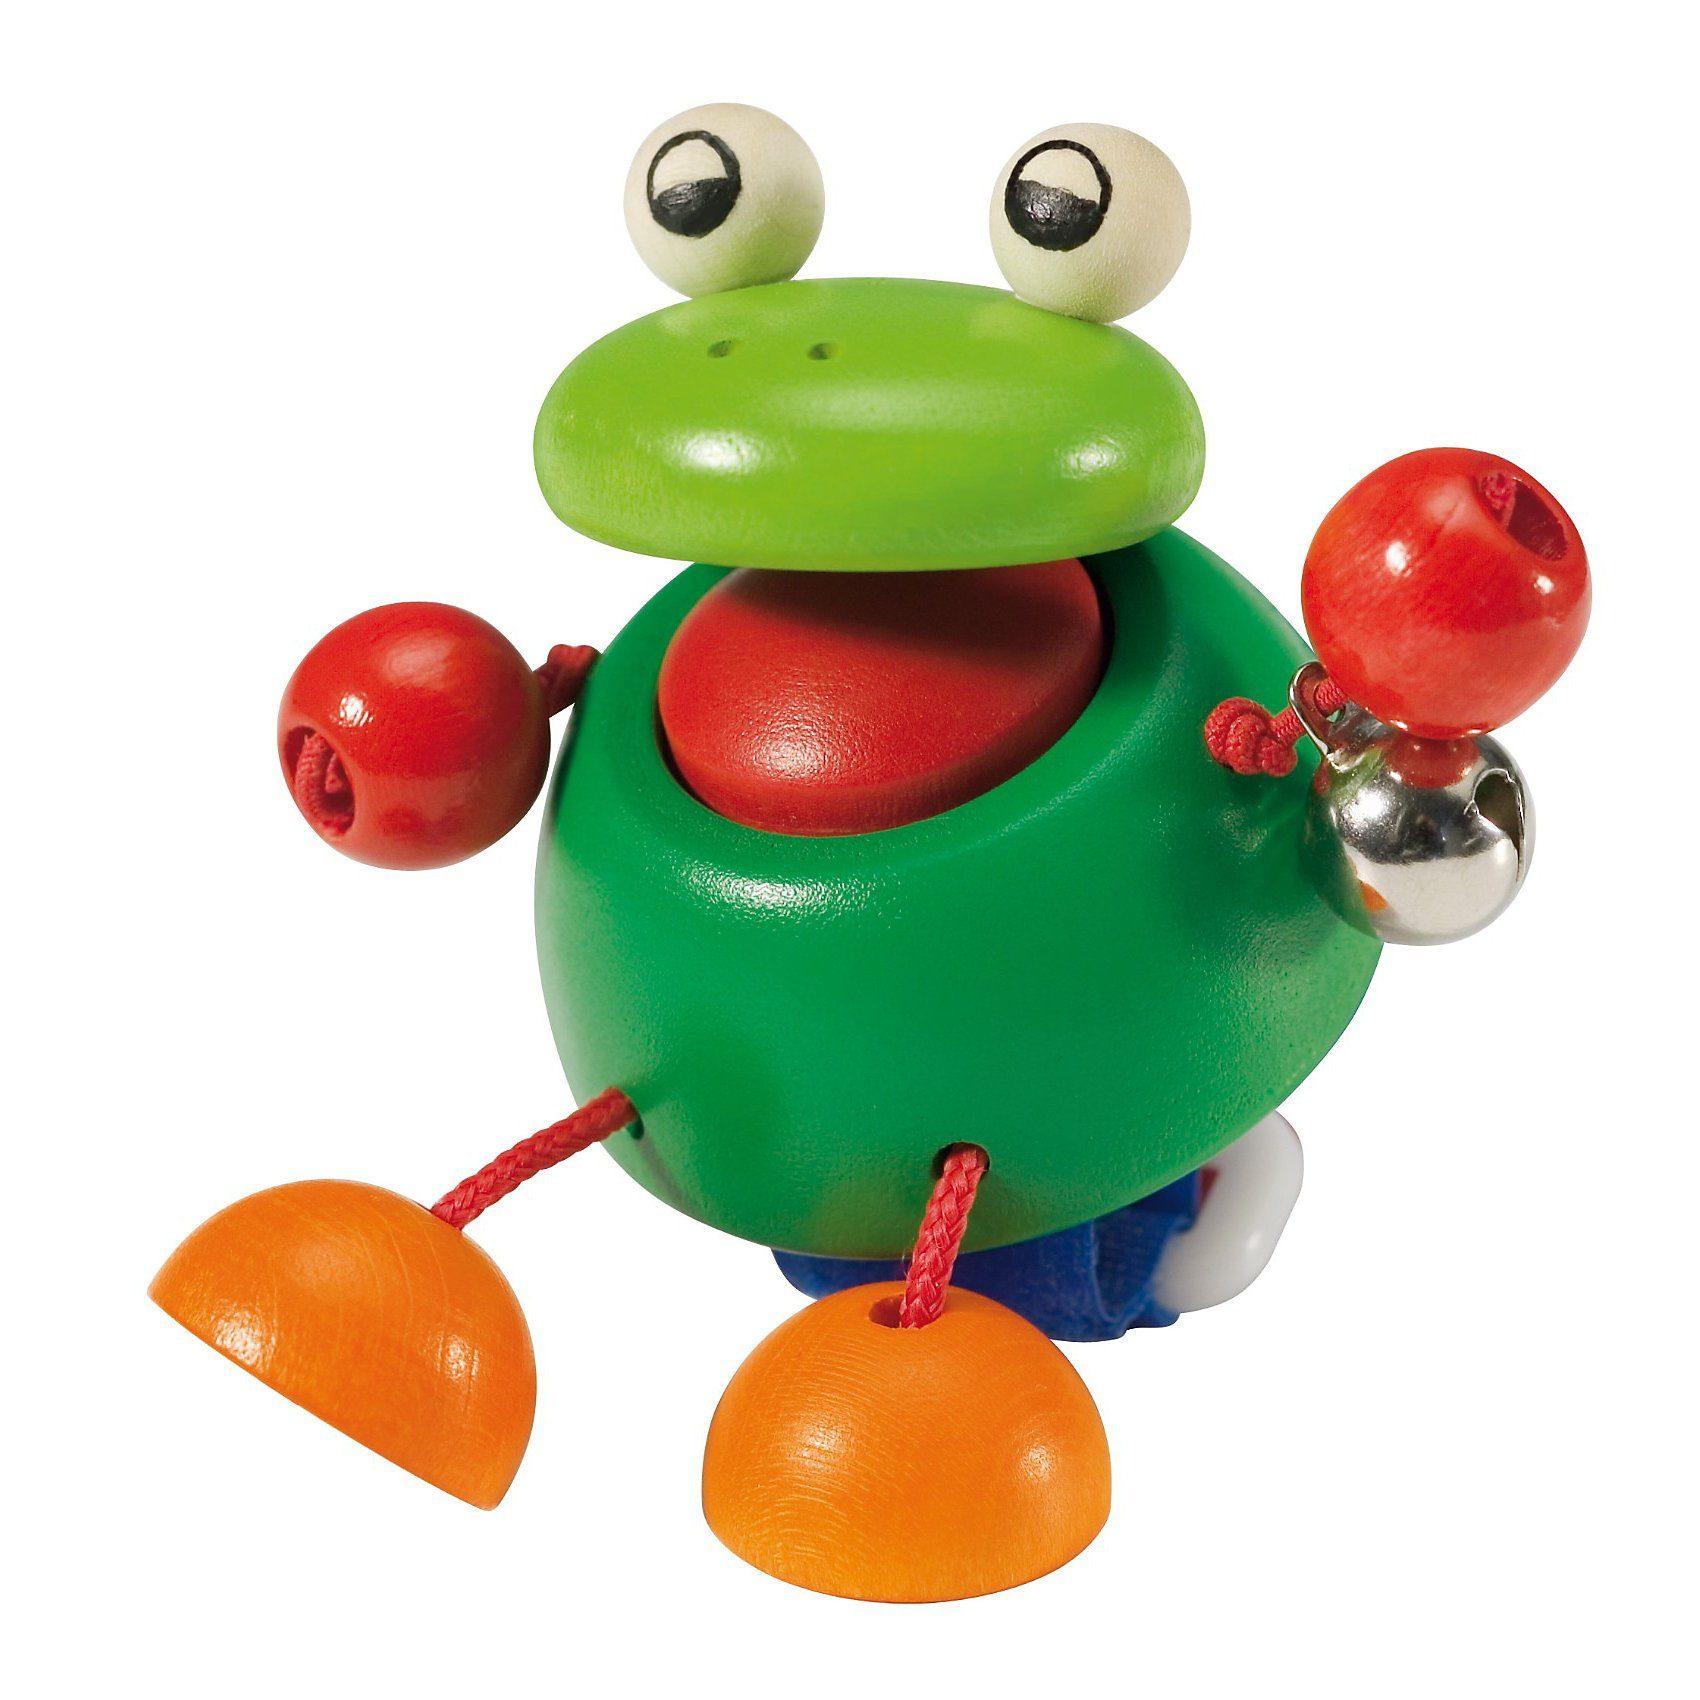 Selecta Buggyspielzeug Pepito